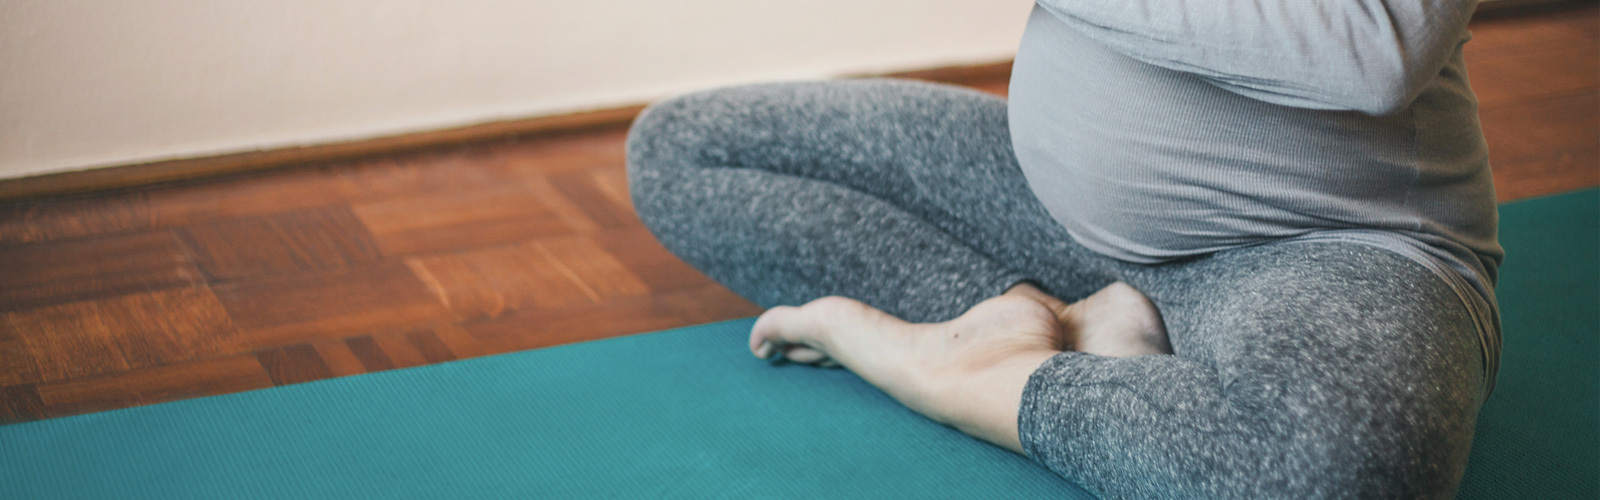 Zwangere vrouw die in een yogahouding zit